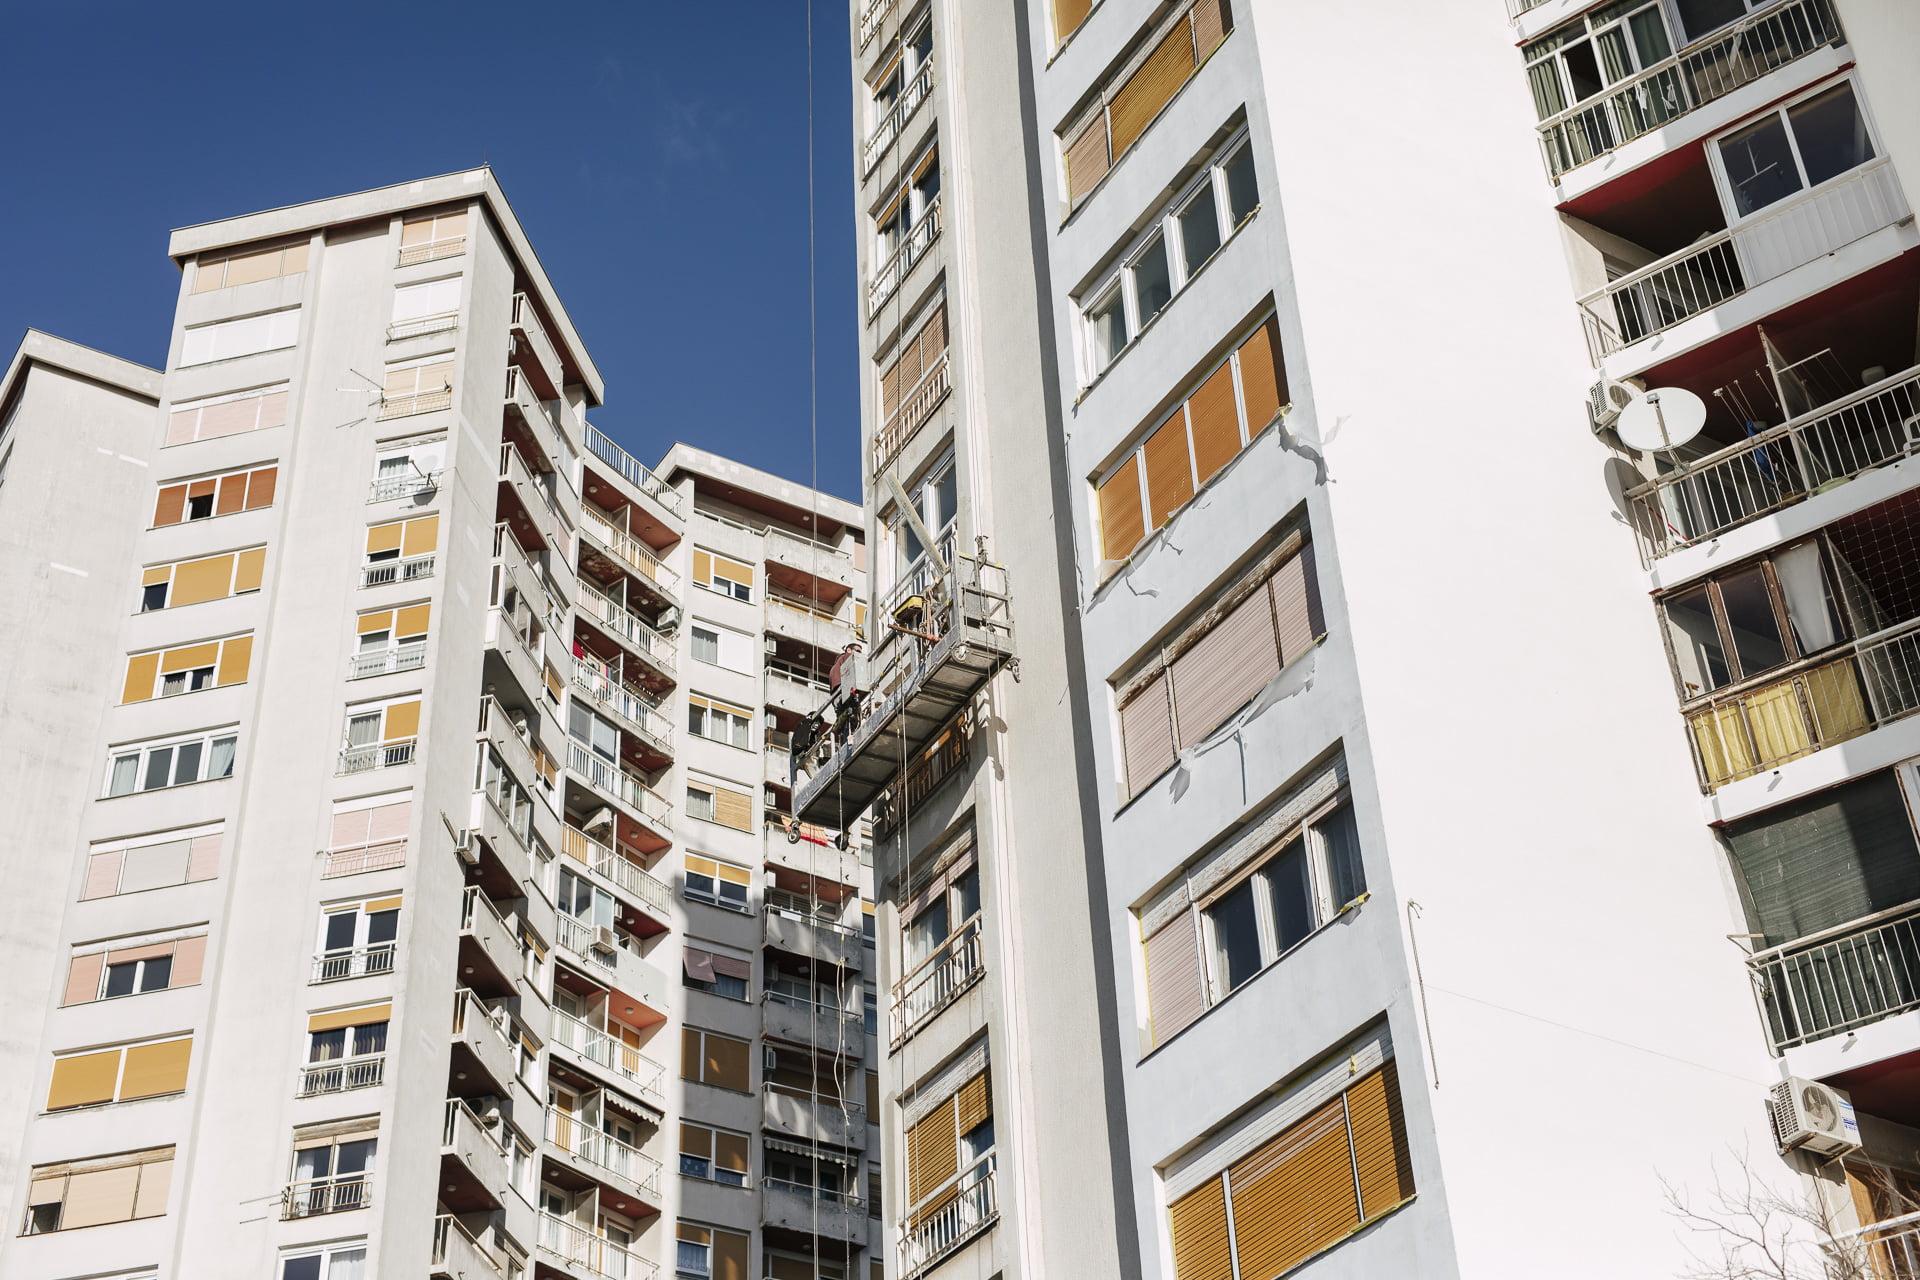 Možemo stvoriti riječki model izgradnje javnih stanova za dugoročni najam!